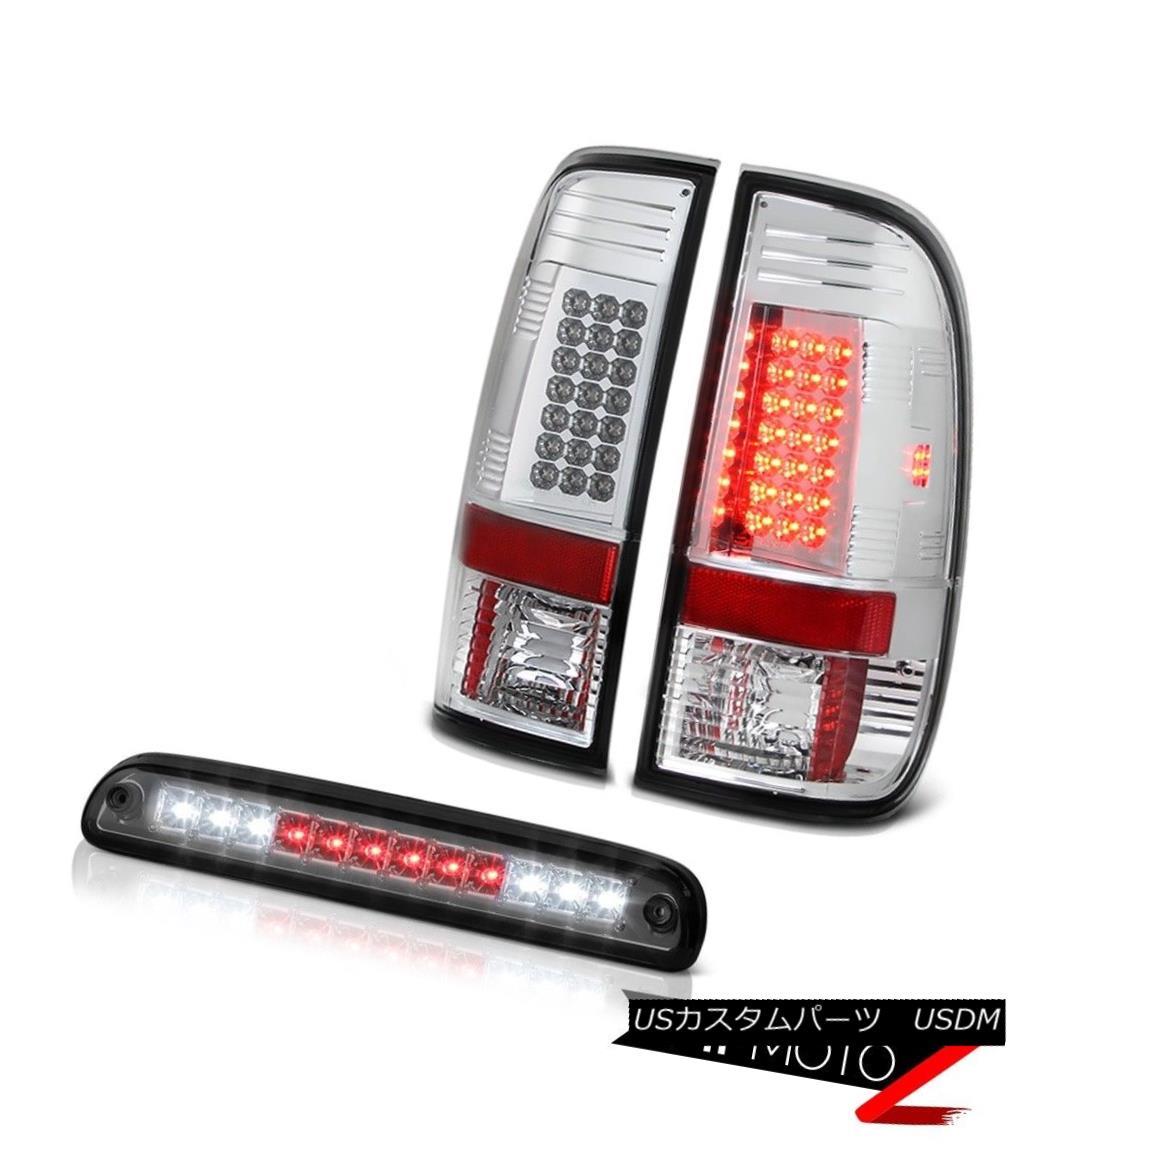 テールライト 2008-2010 Ford F250 6.8L Euro Bright LED Brake Tail Lights High Stop Cargo Smoke 2008年?2010年フォードF250 6.8LユーロブライトLEDブレーキテールライトハイストップカーゴスモーク